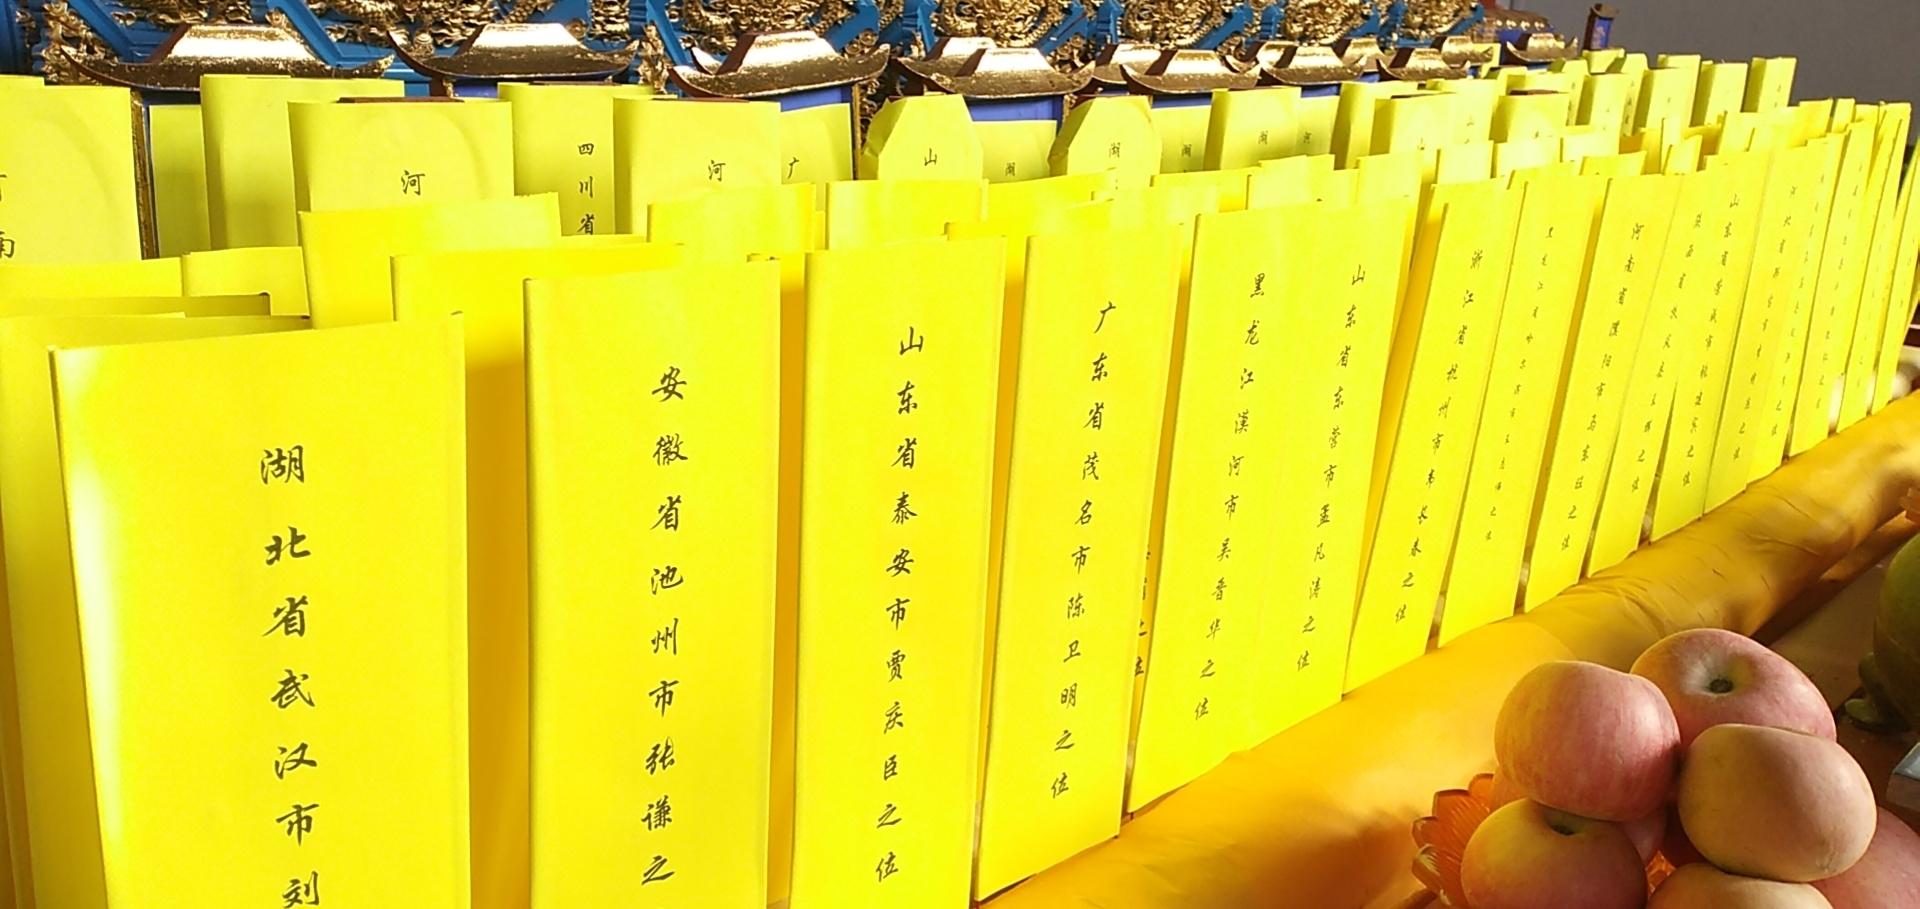 今日恭送刘智明、张谦、贾庆臣、陈卫明、吴晋华、孟凡涛、韦长春、王